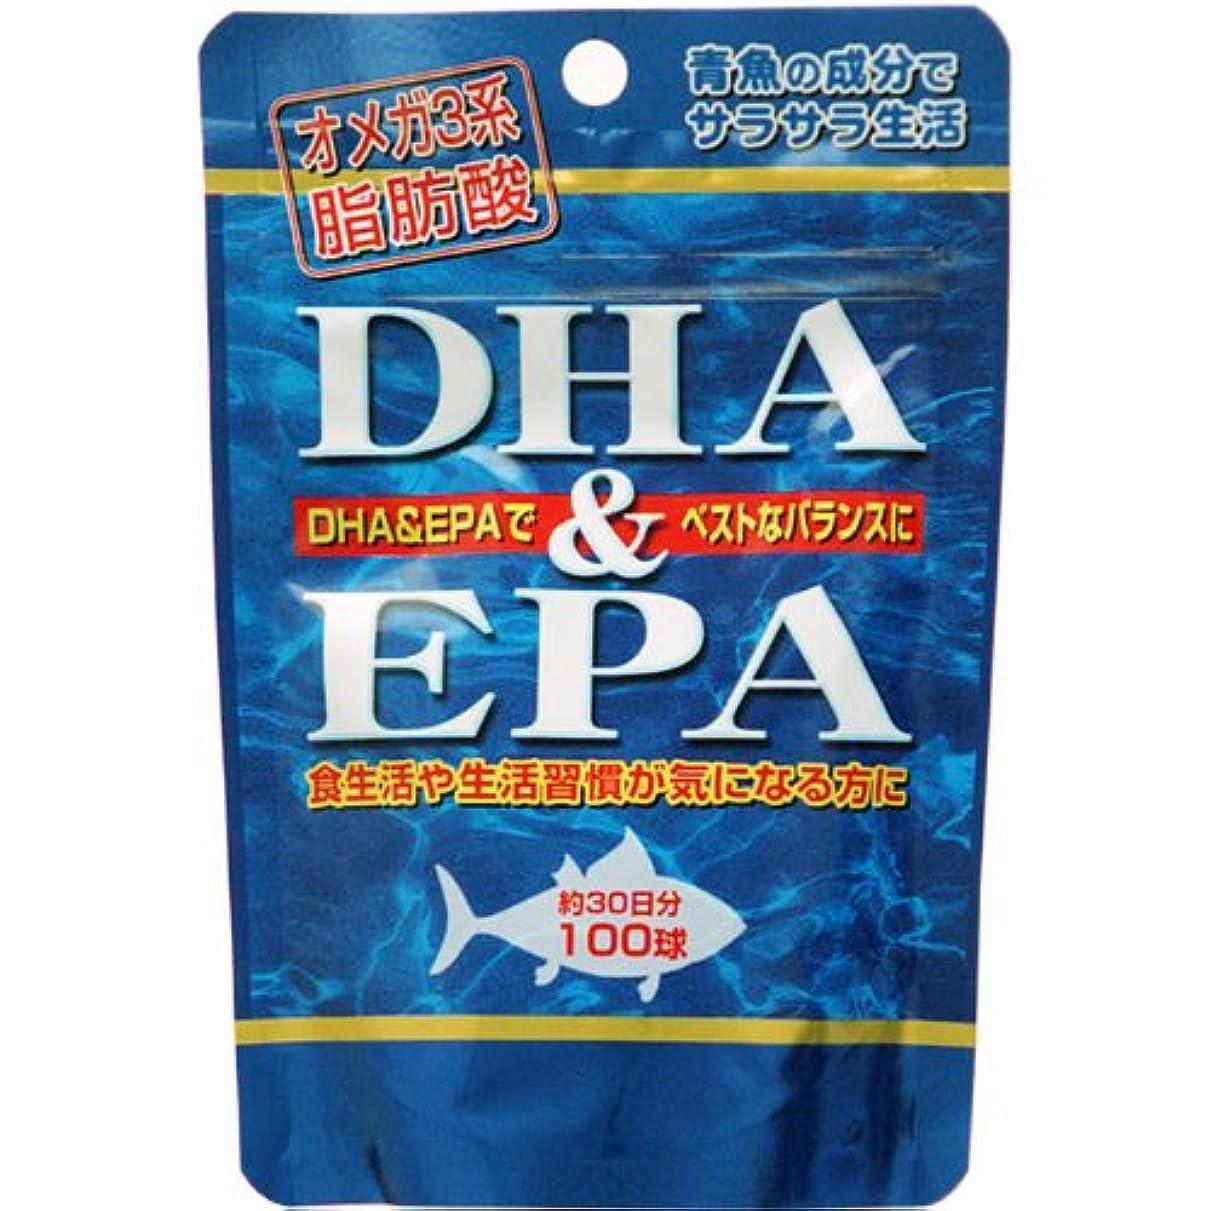 悪化させる支出失望させるDHA(ドコサヘキサエン酸)&EPA(エイコサペンタエン酸)×6